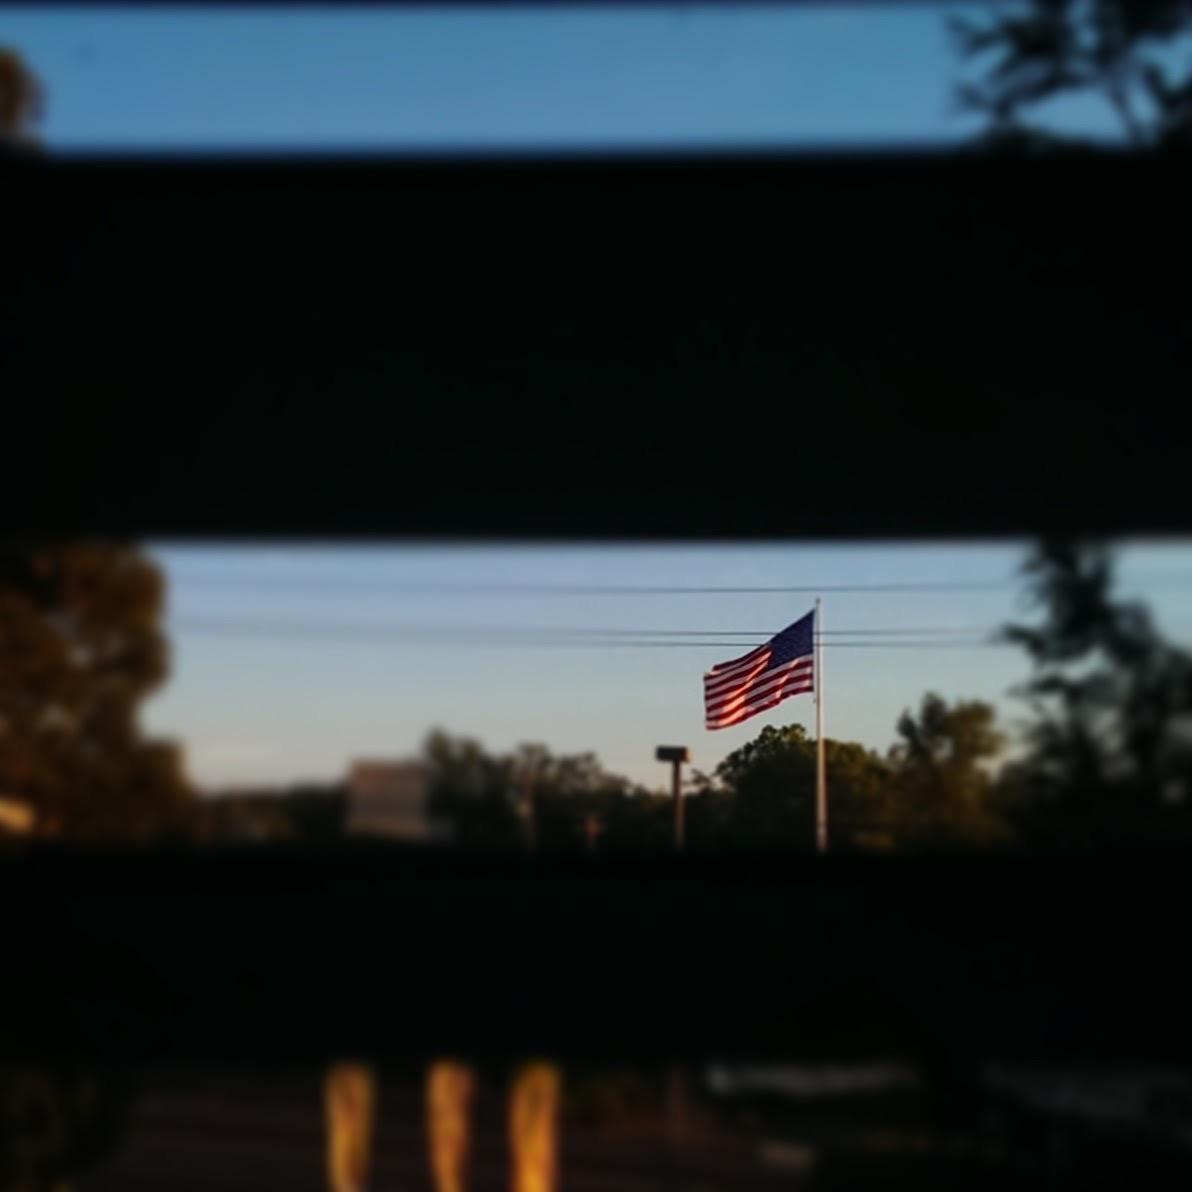 2016-09-23-usa-flag